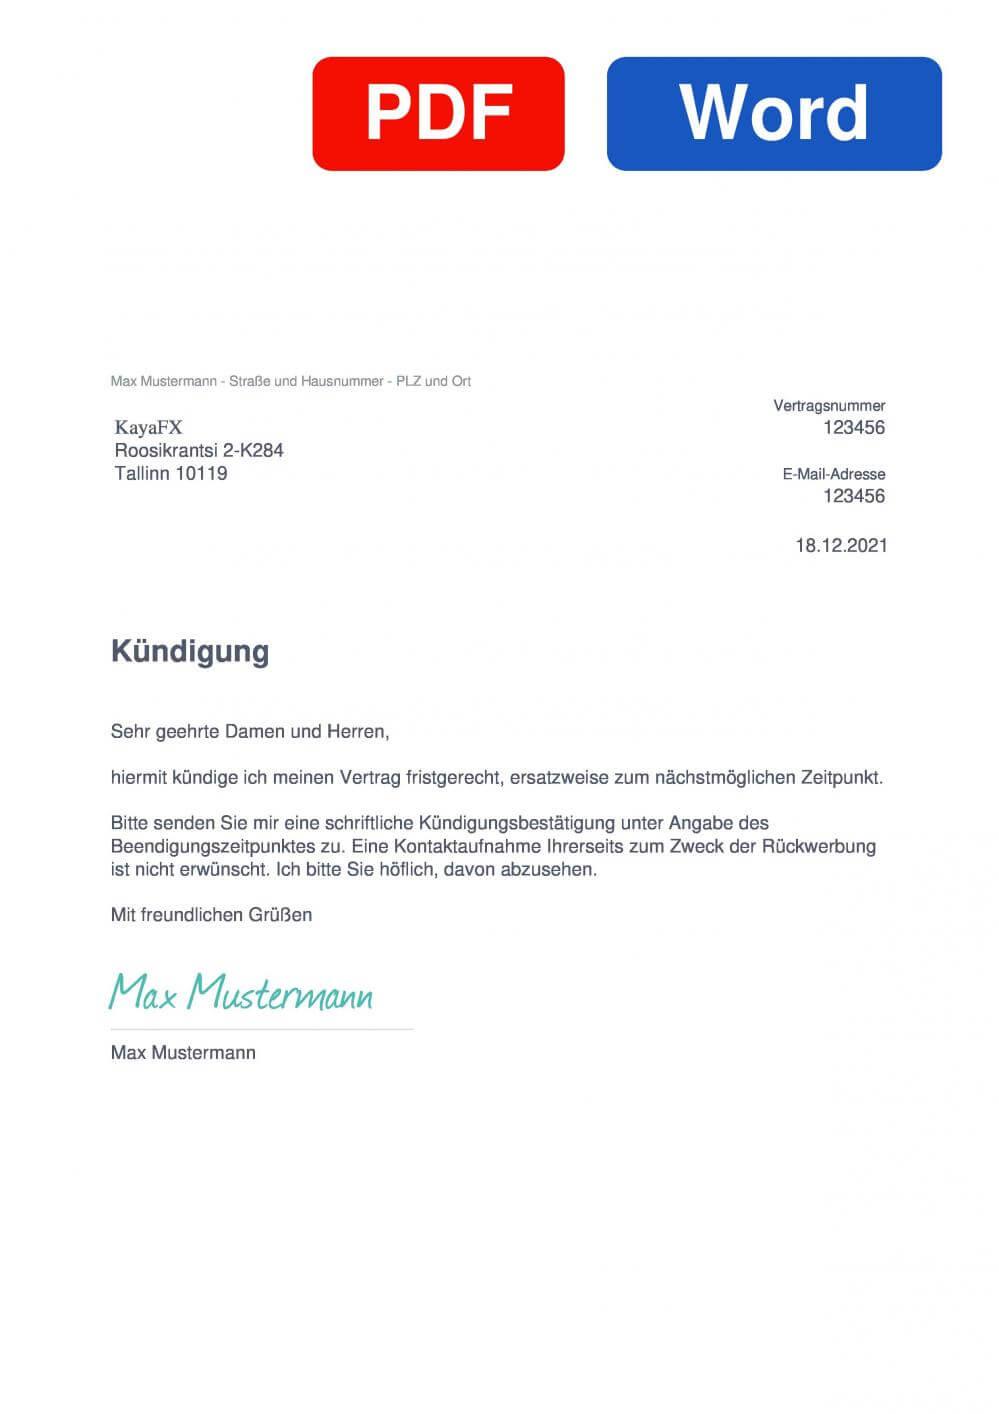 KayaFX Muster Vorlage für Kündigungsschreiben